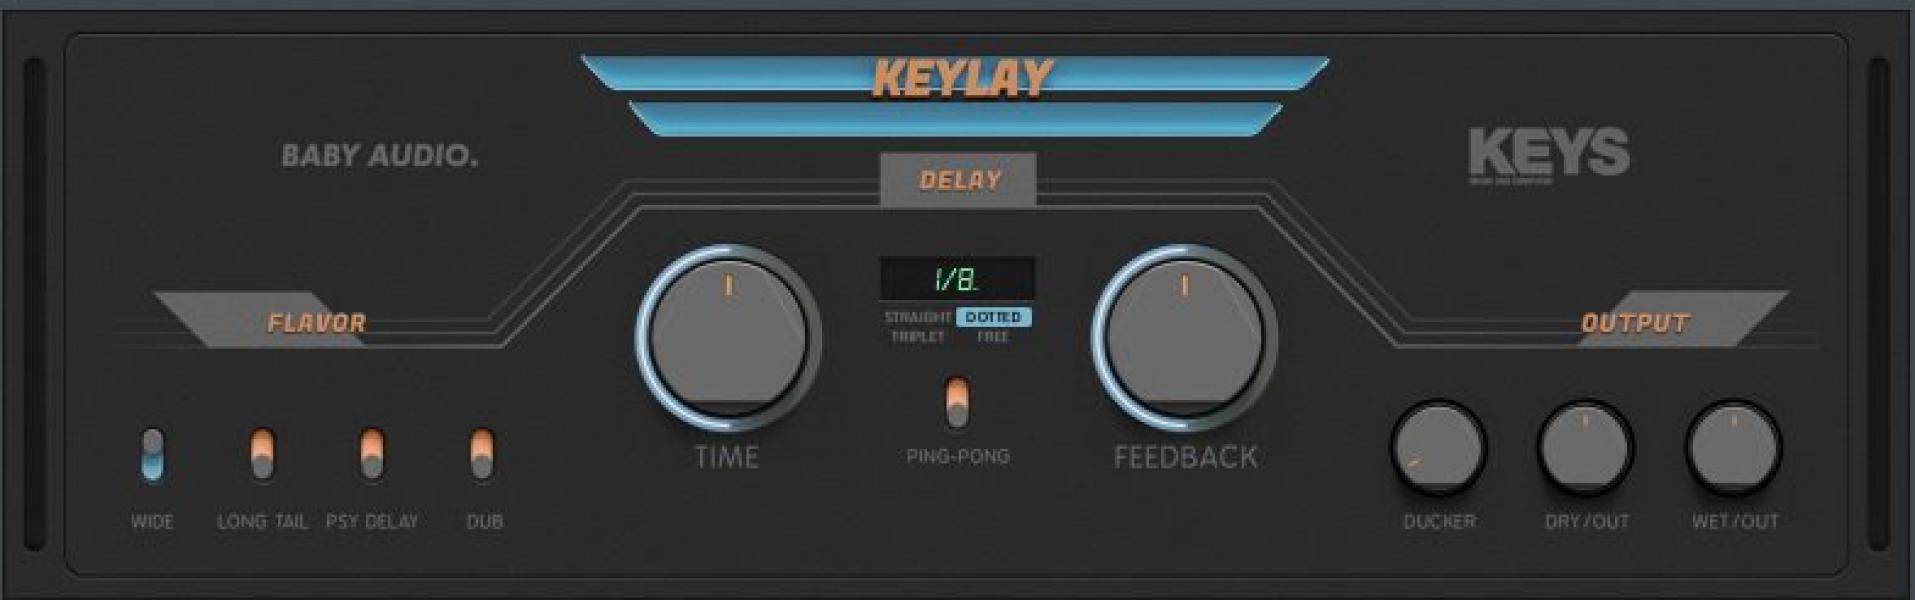 【無料】さまざまなモードを備えたディレイプラグイン「Keylay」が無償配布中